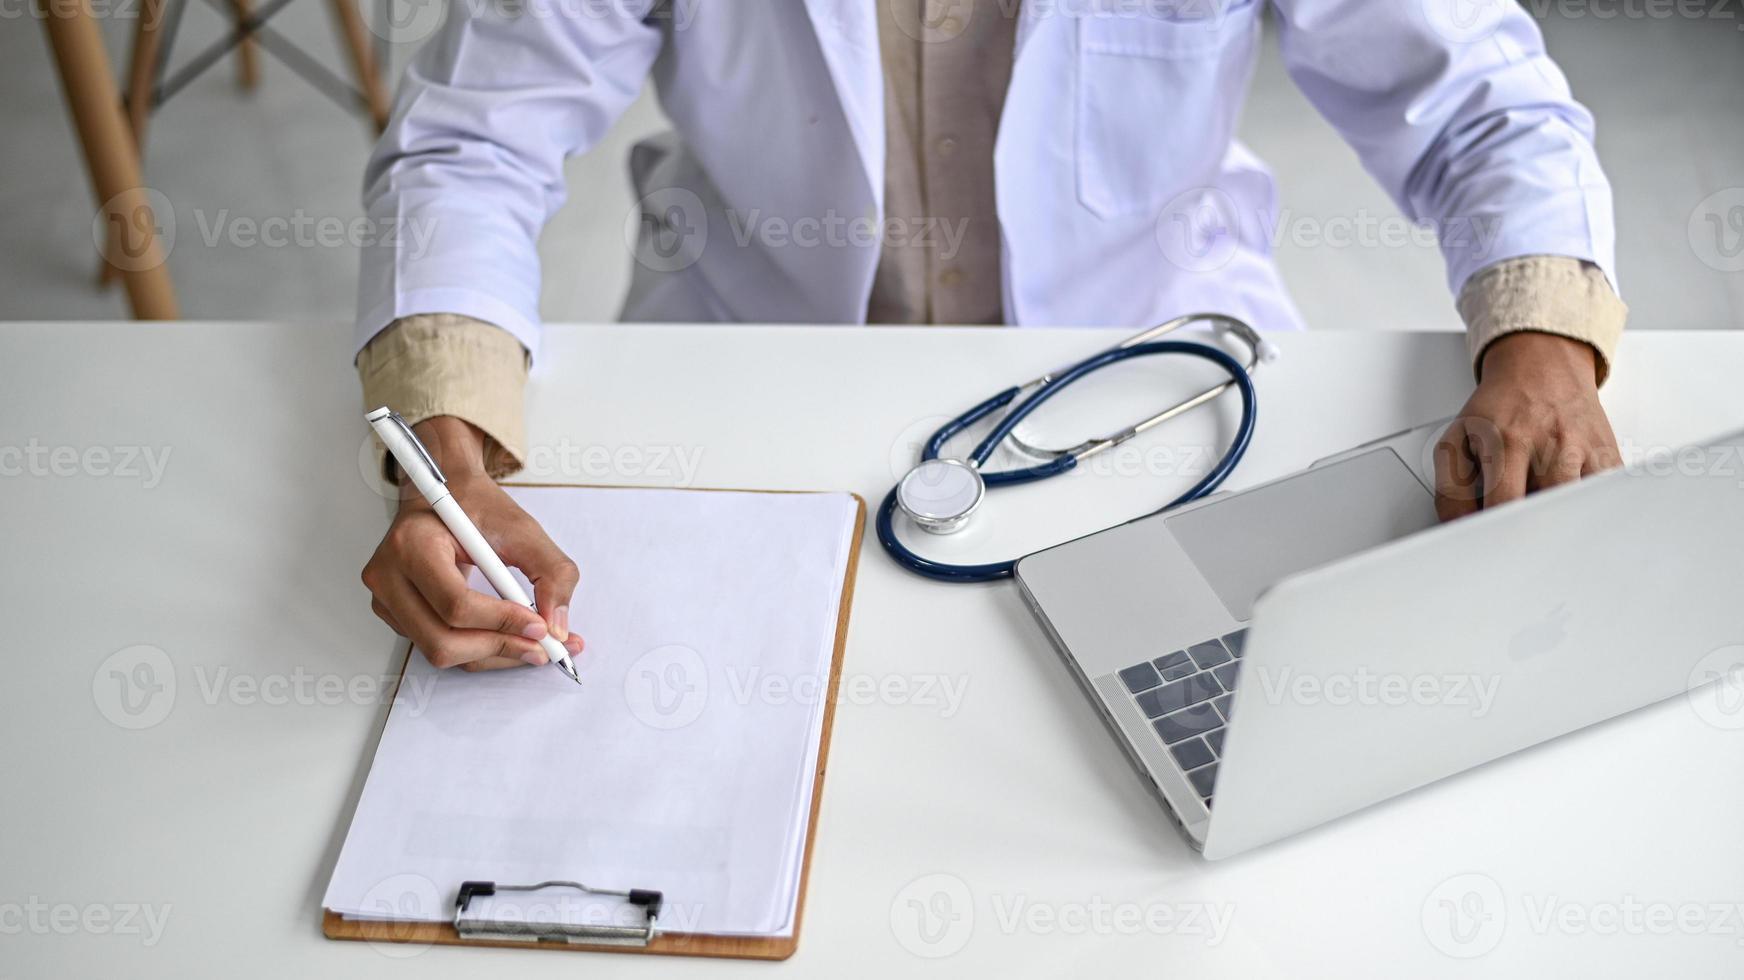 un profesional médico con una bata de laboratorio sostiene un lápiz sobre un archivo vacío. foto